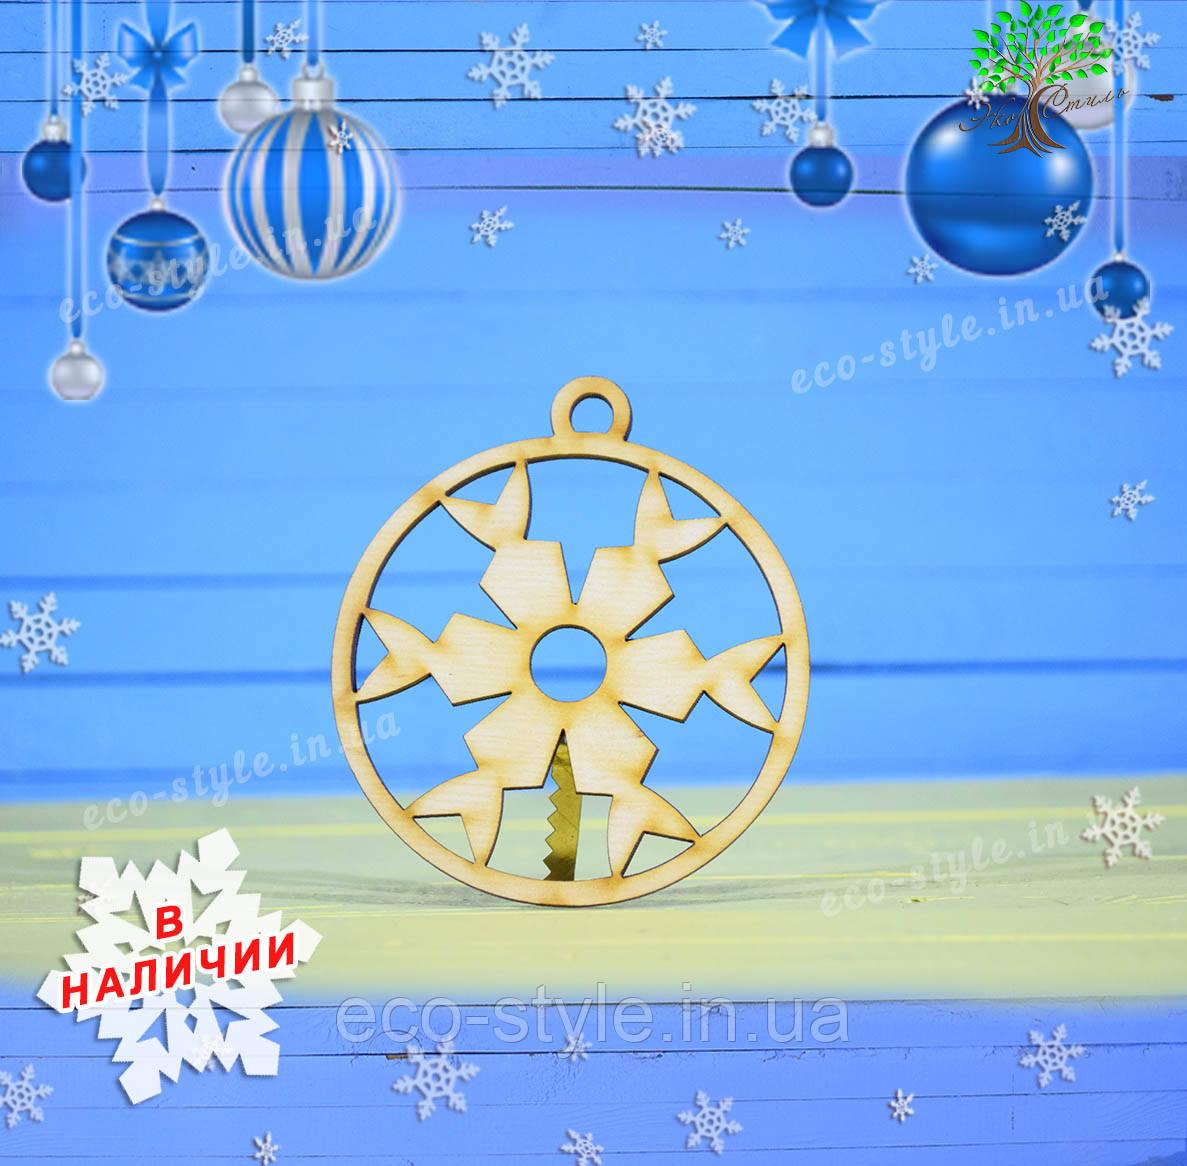 Елочная игрушка, новогодние игрушки и украшения